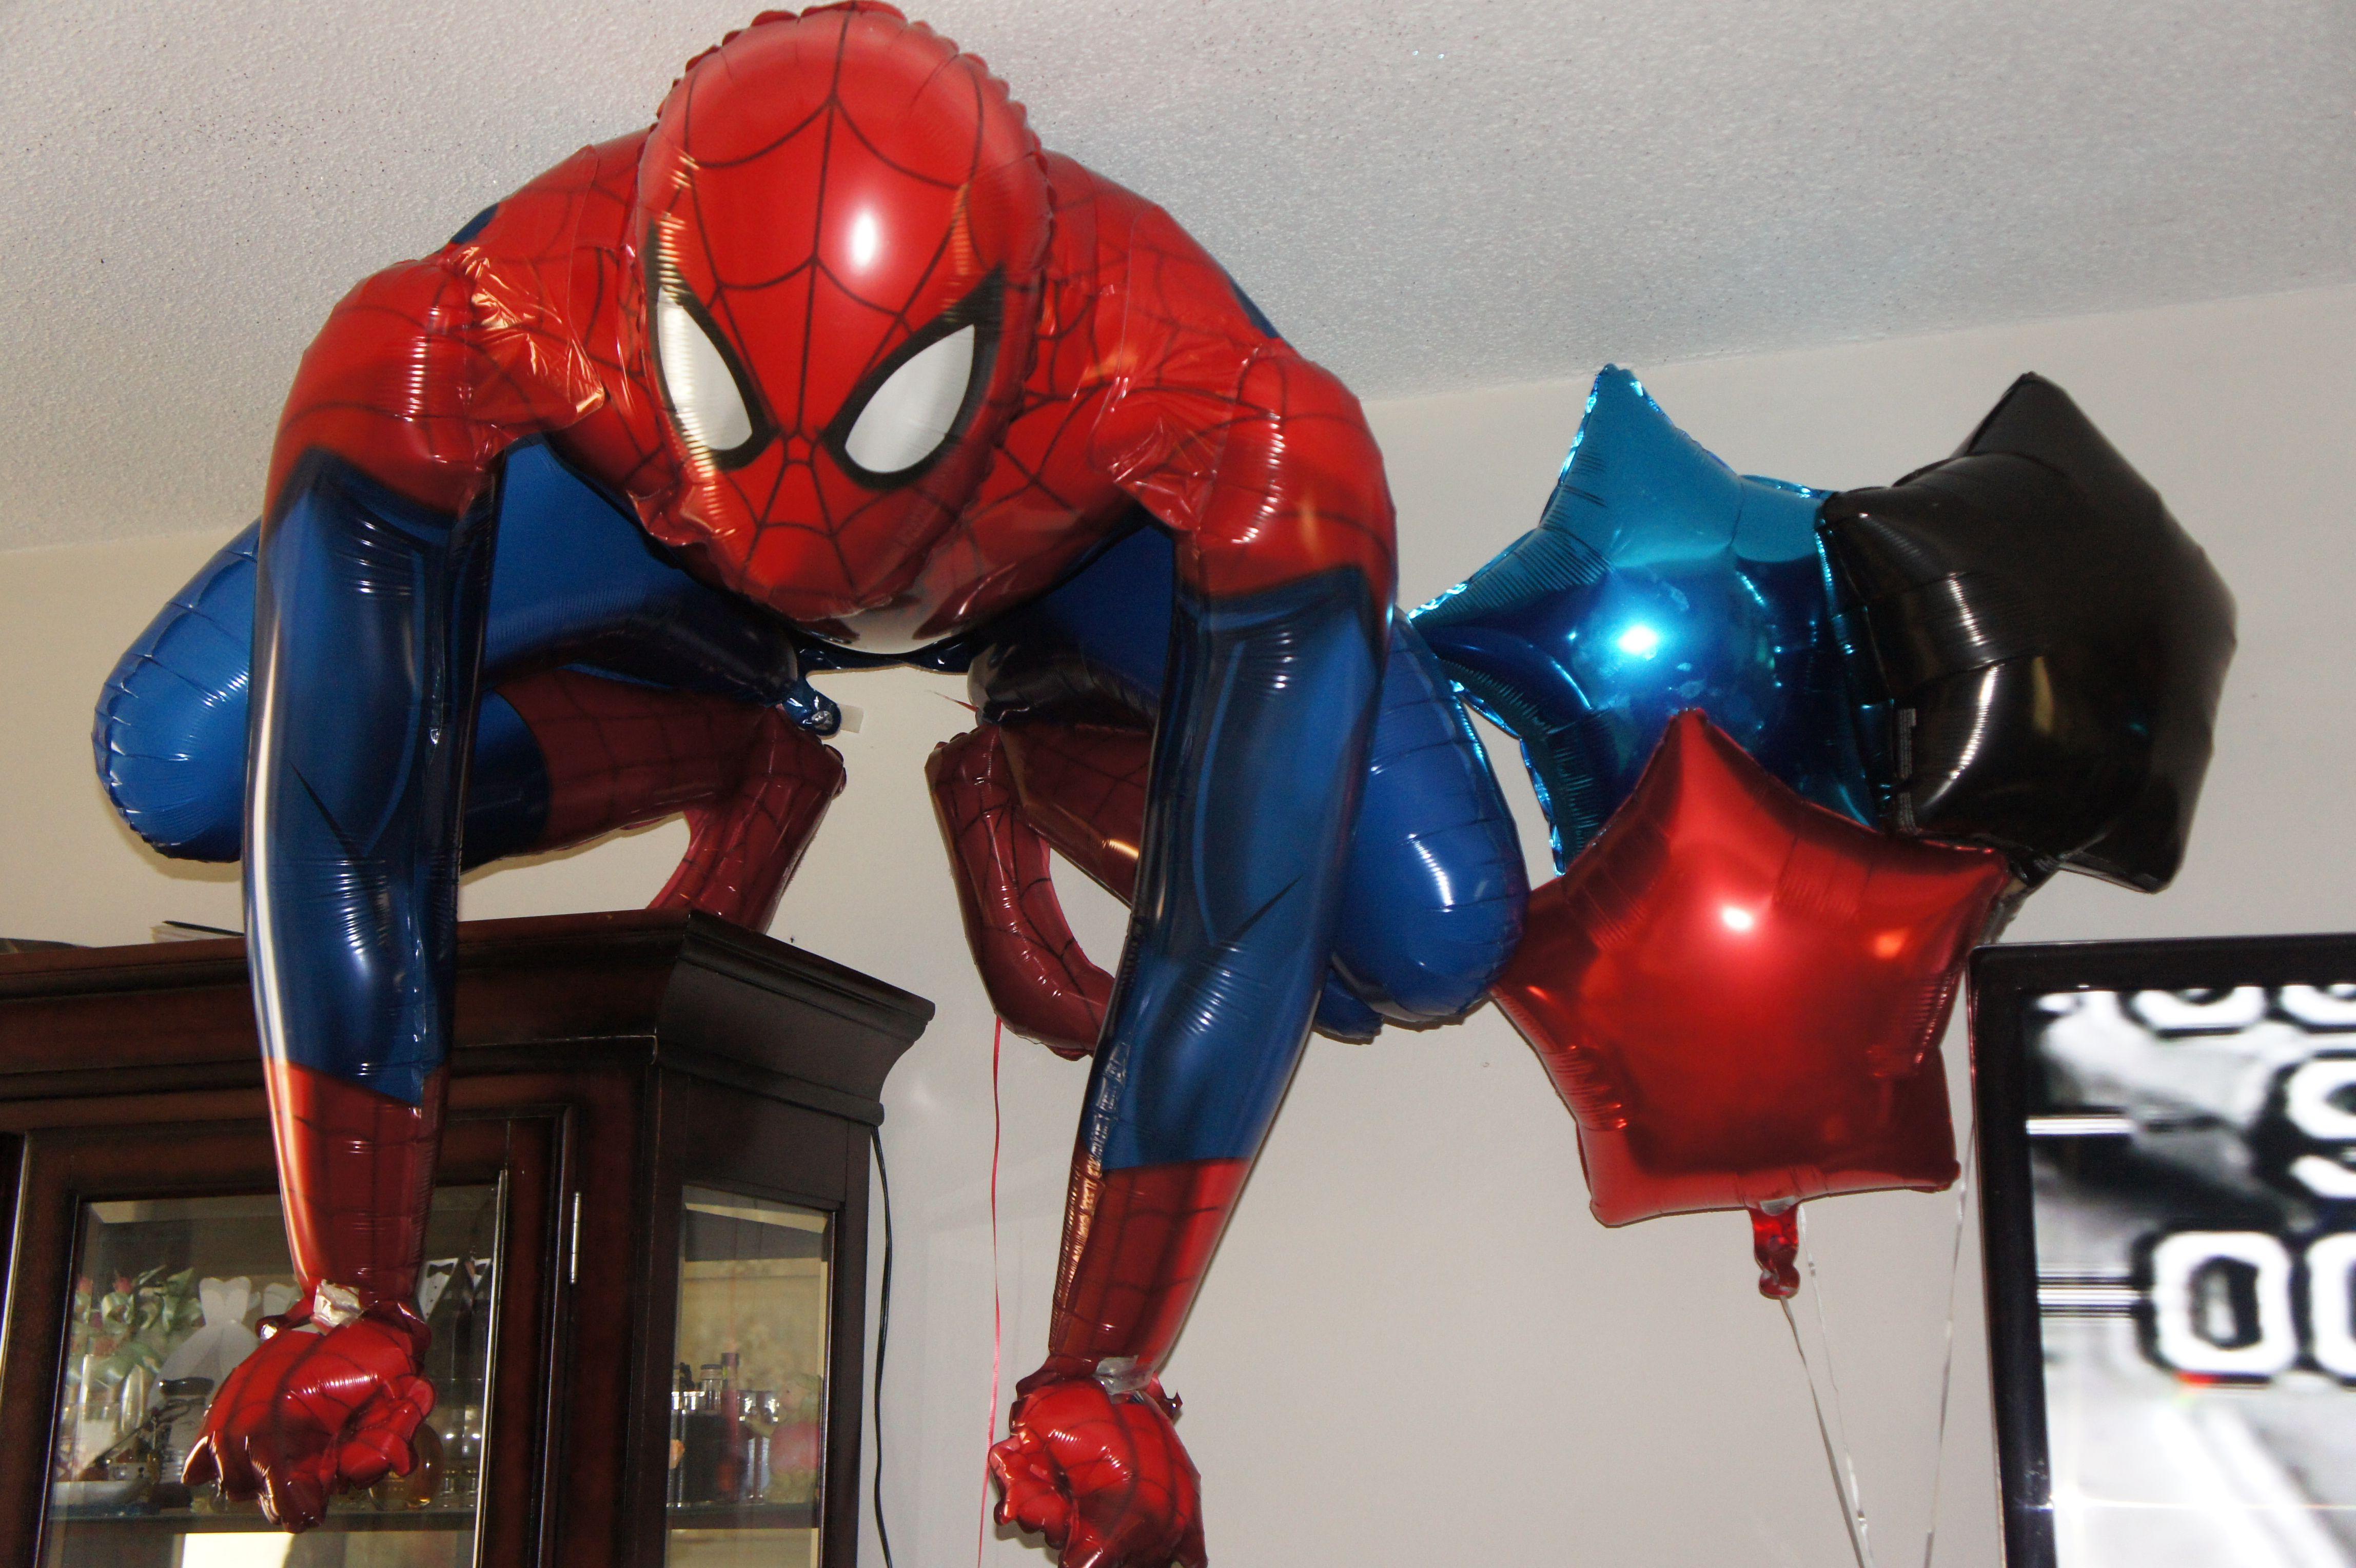 3ft Spider Man Balloon